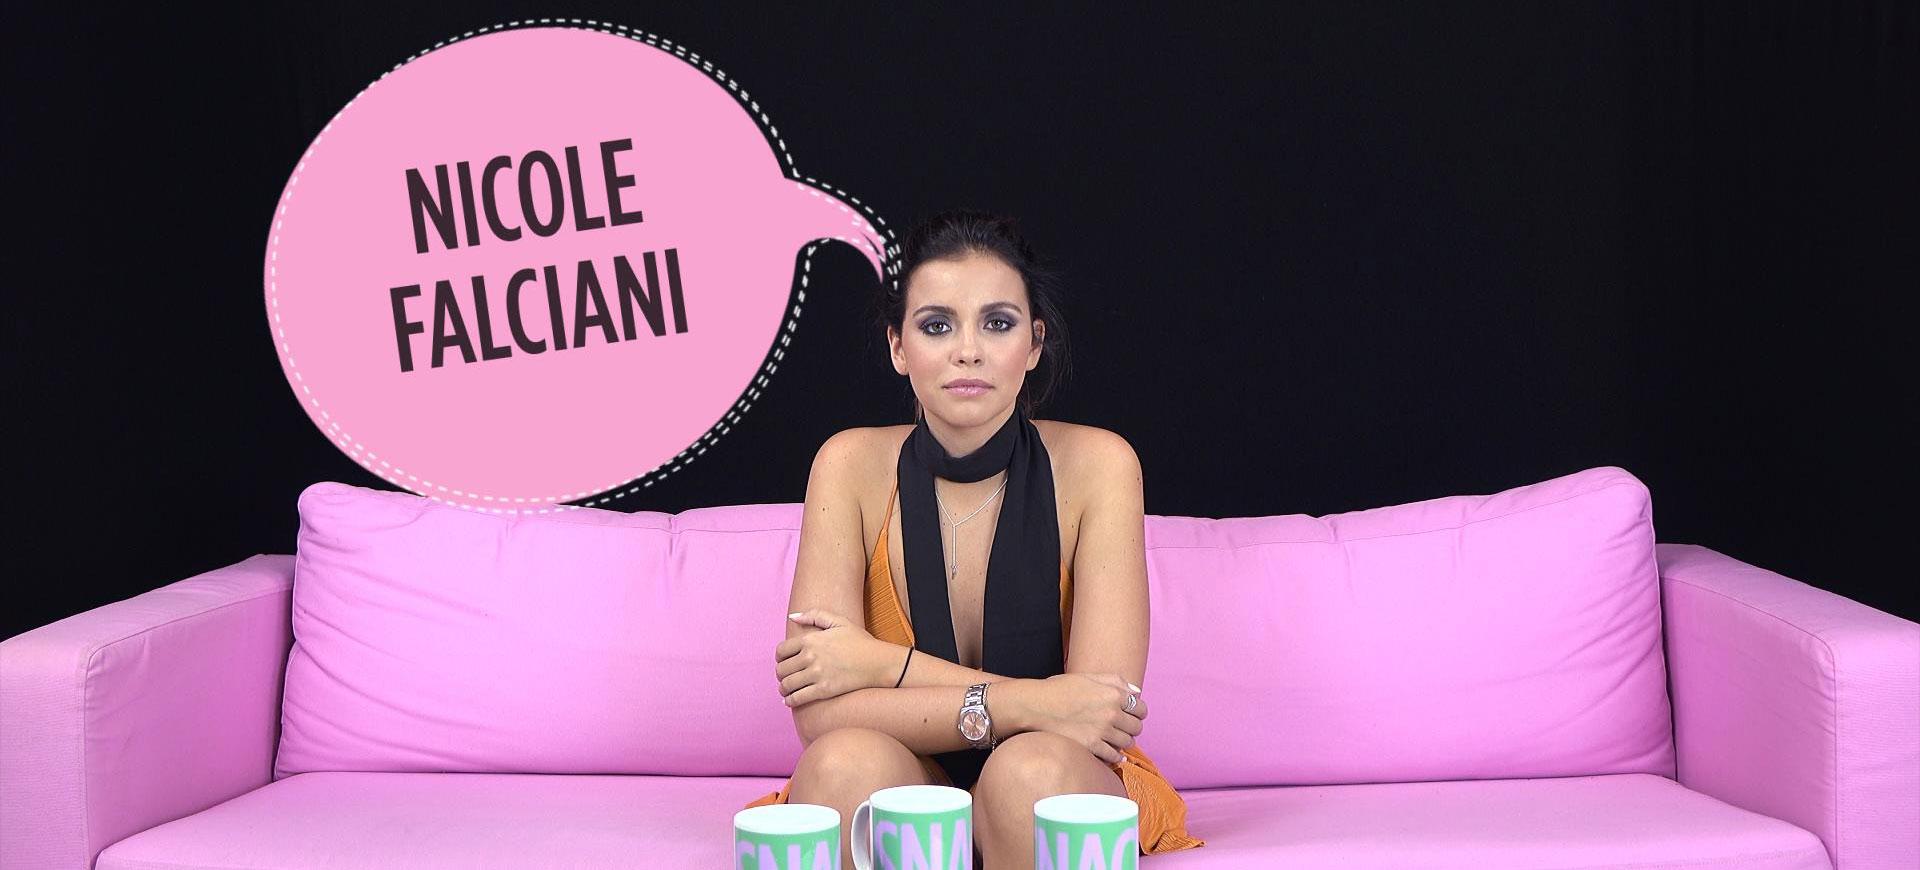 Nicole Falciani talar ut om sin depression och vilka symptom hon först märkte av